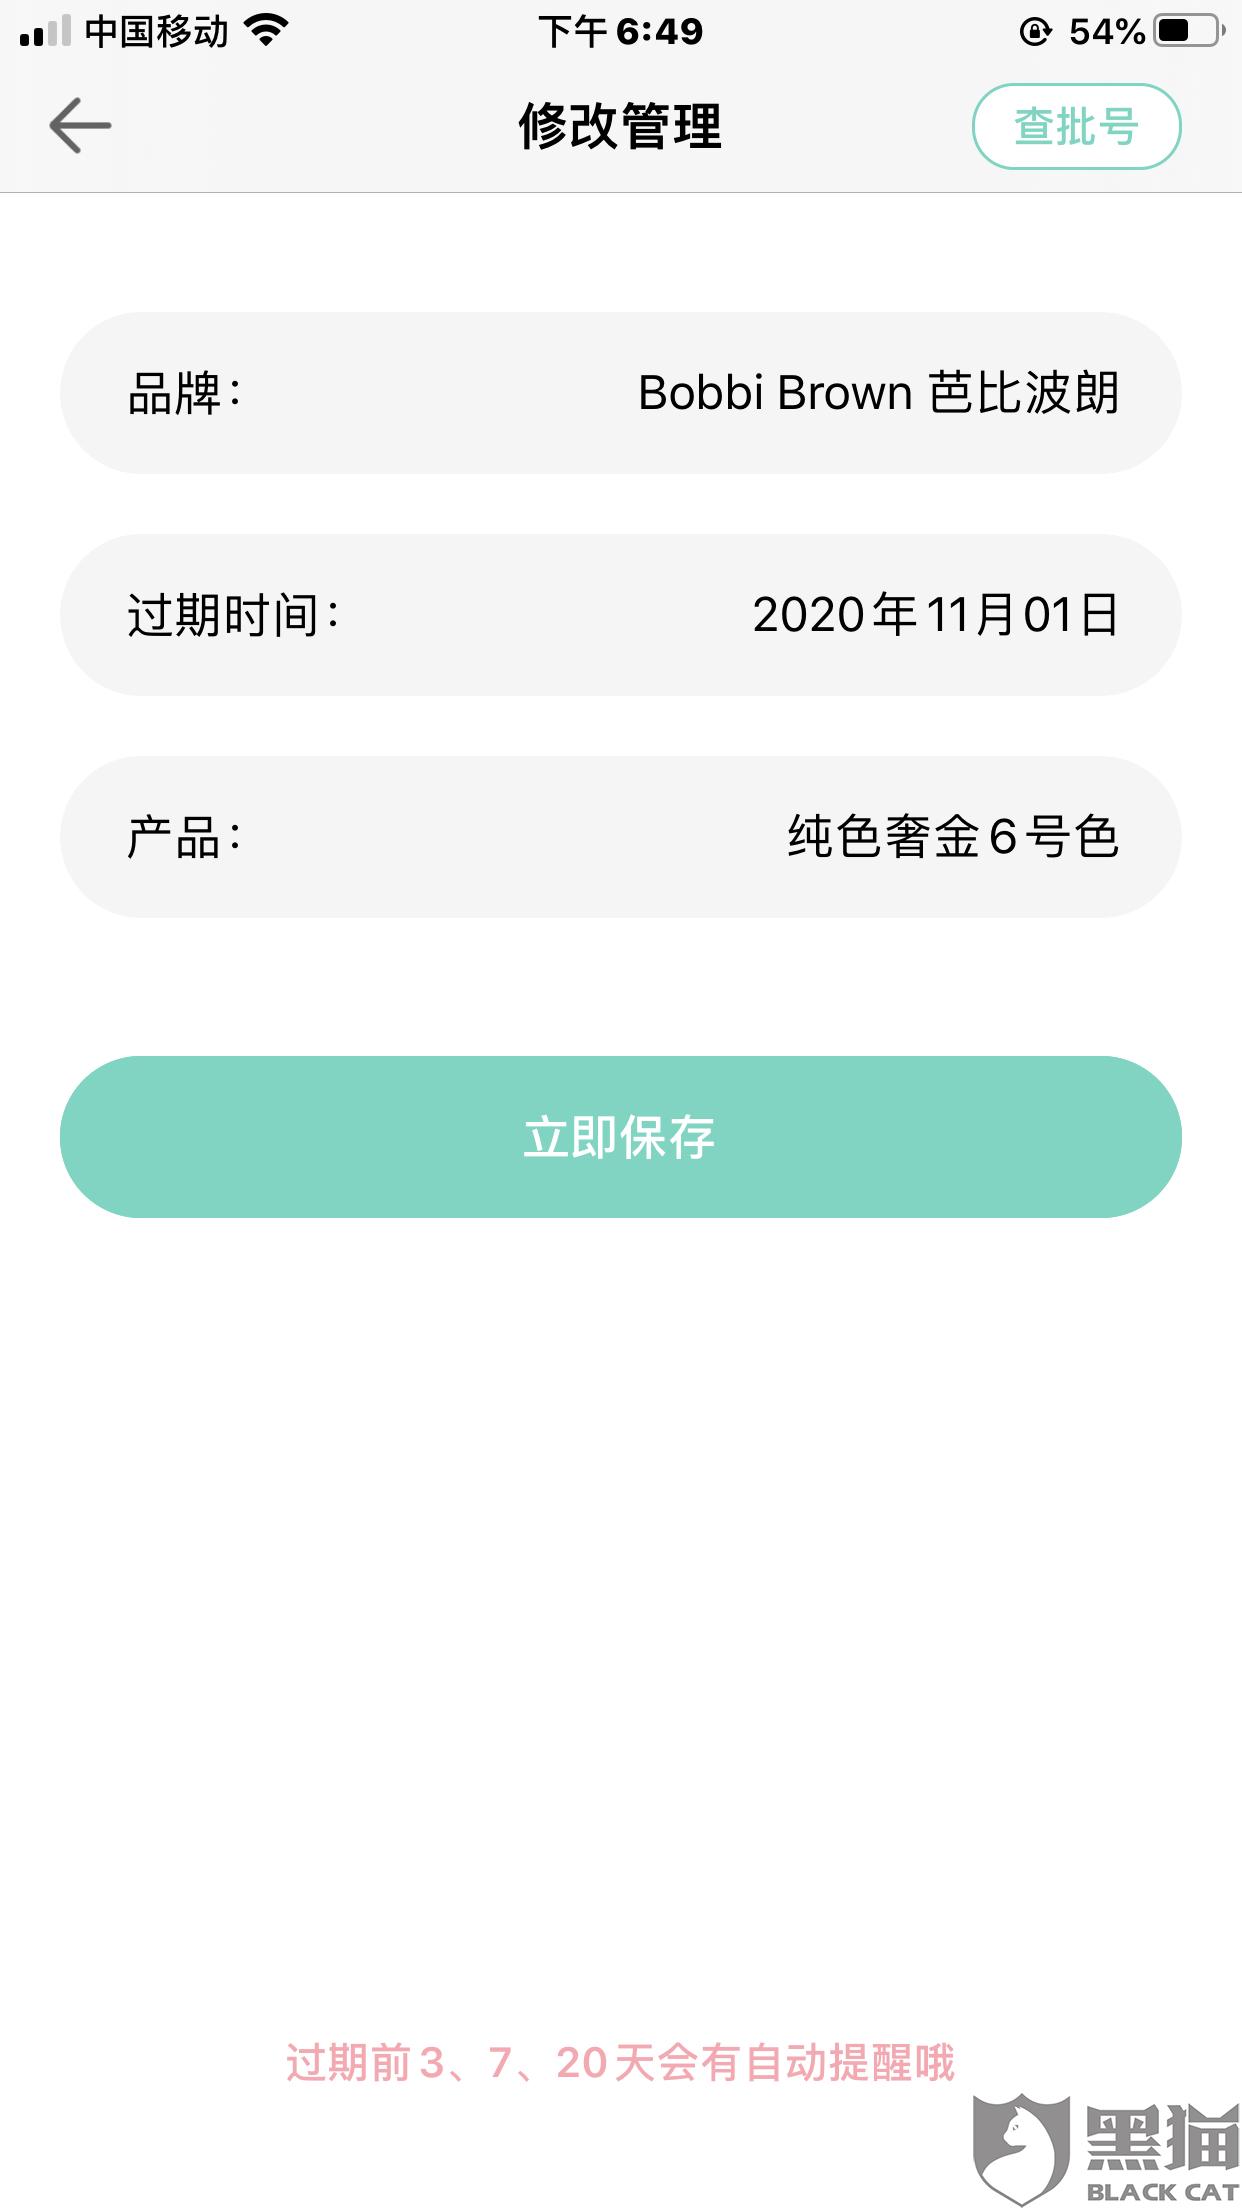 黑猫投诉:东莞丝芙兰汇一城门店店员失职 售卖临期商品